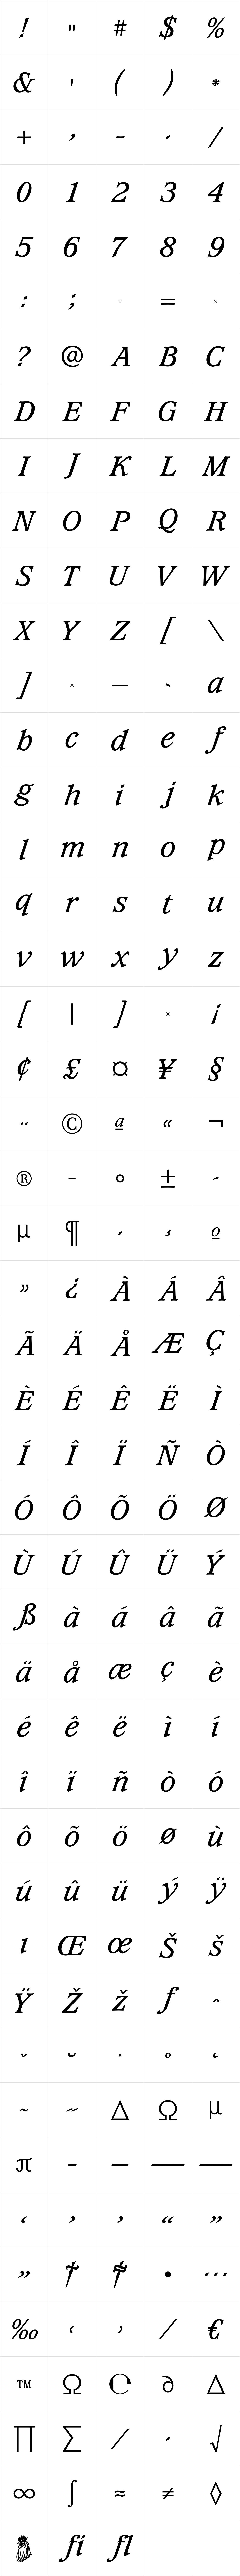 WaverlyRR MediumItalic